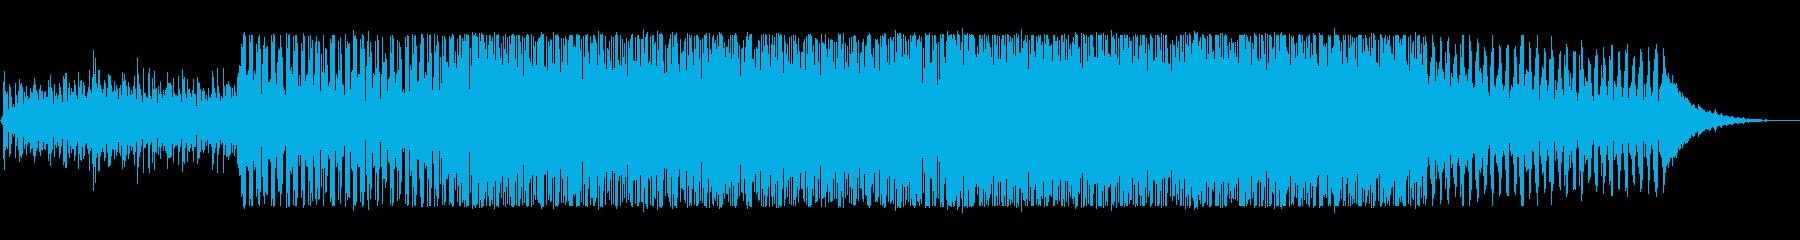 マイナーでリズミカルなユーロビートポップの再生済みの波形